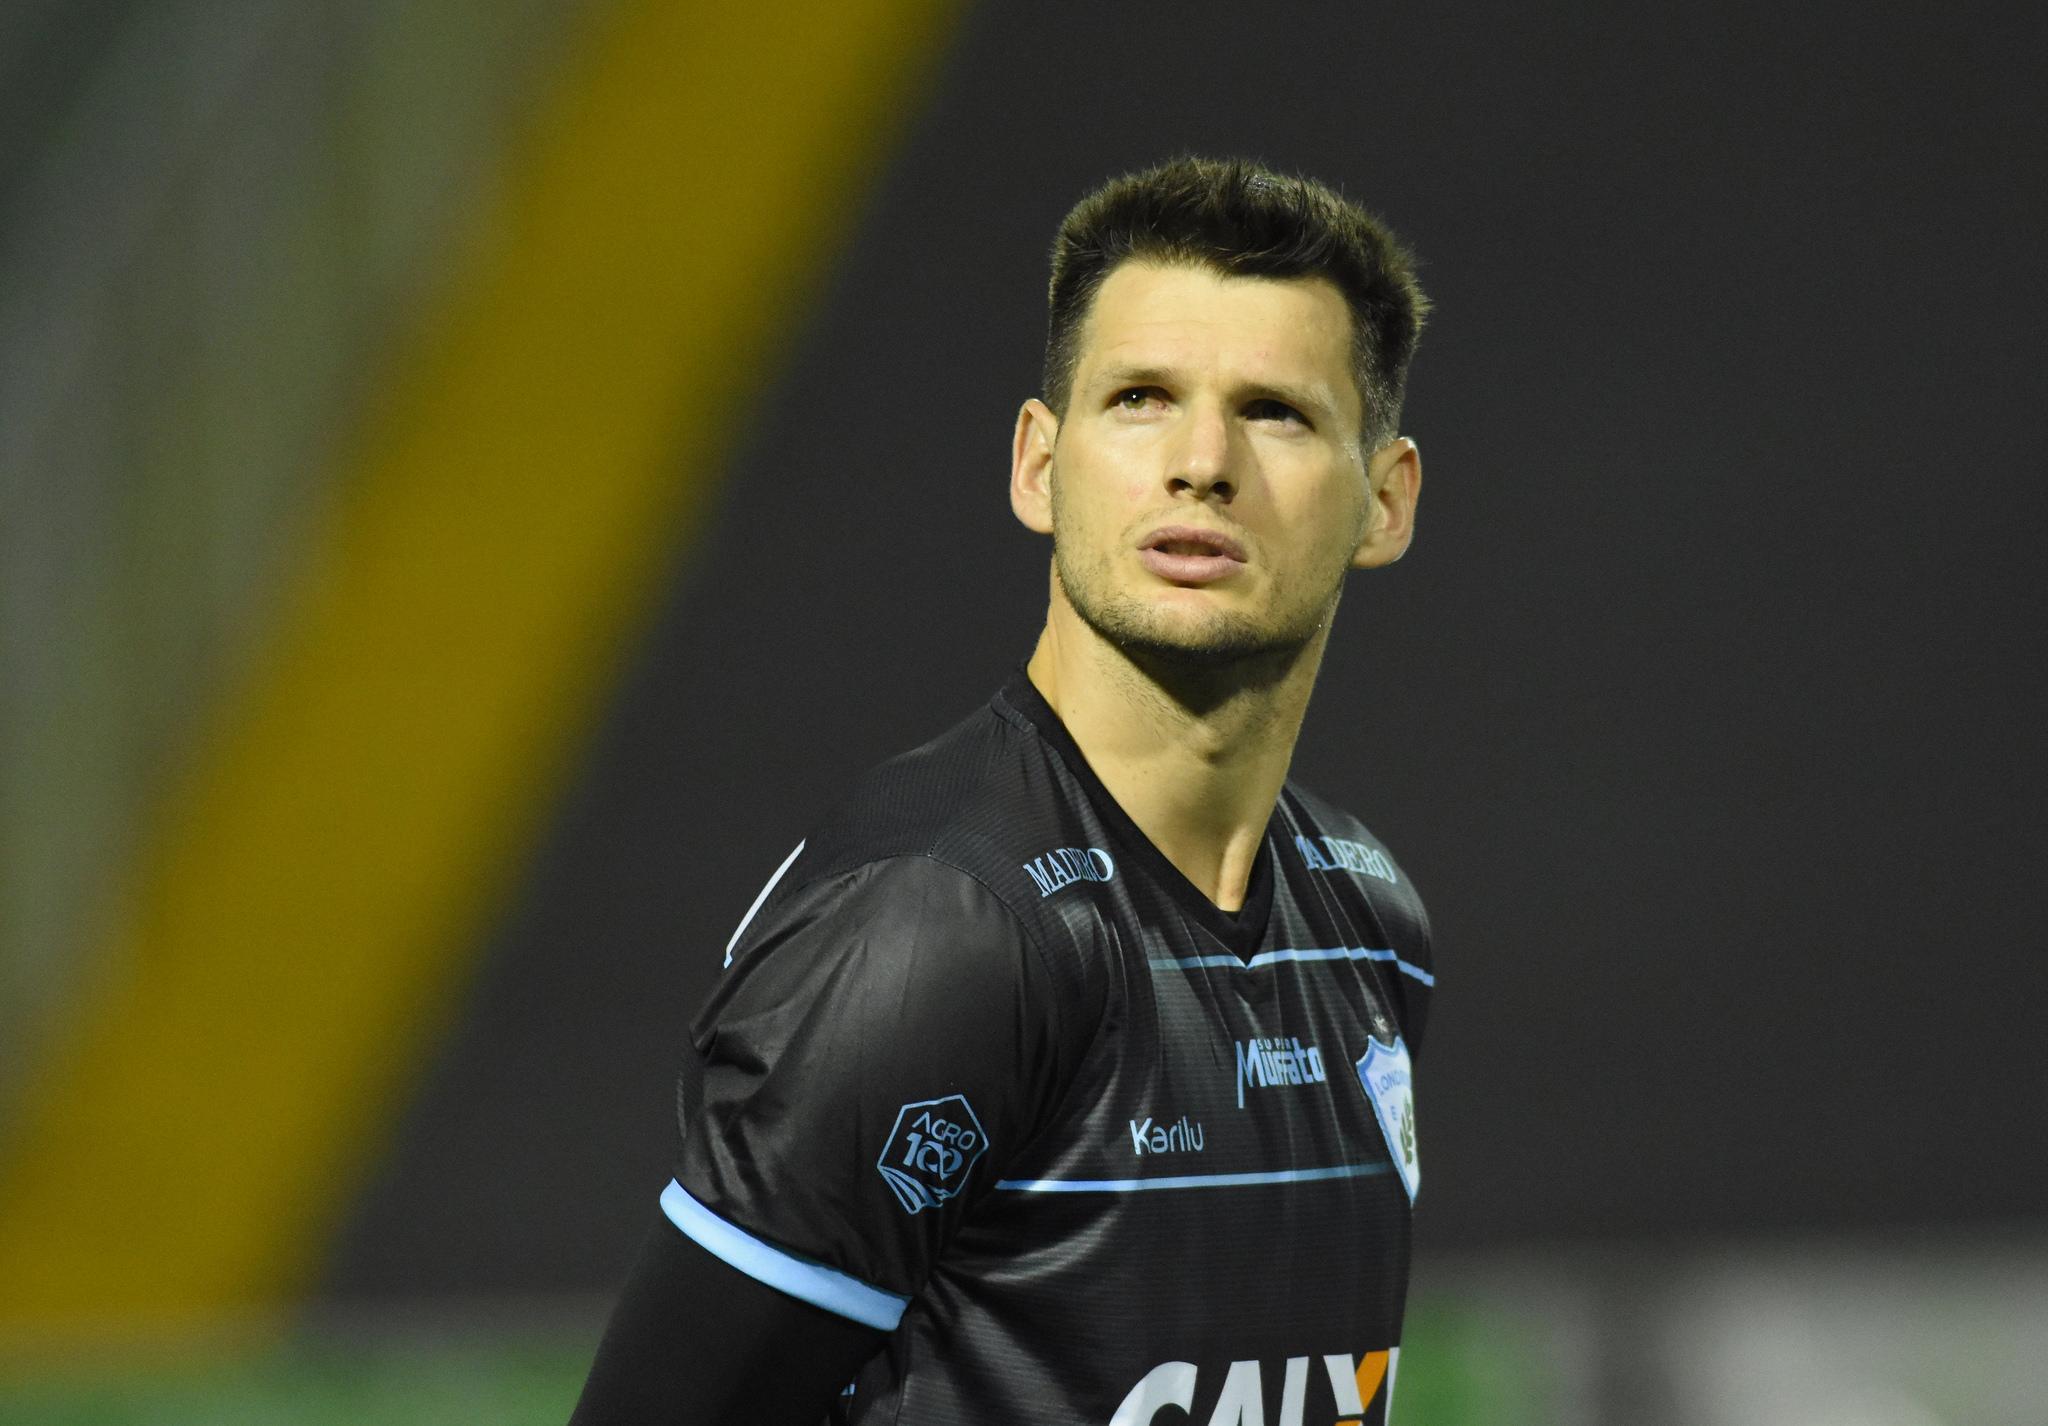 Vagner goleiro Foto: Gustavo Oliveira/Londrina Esporte Clube